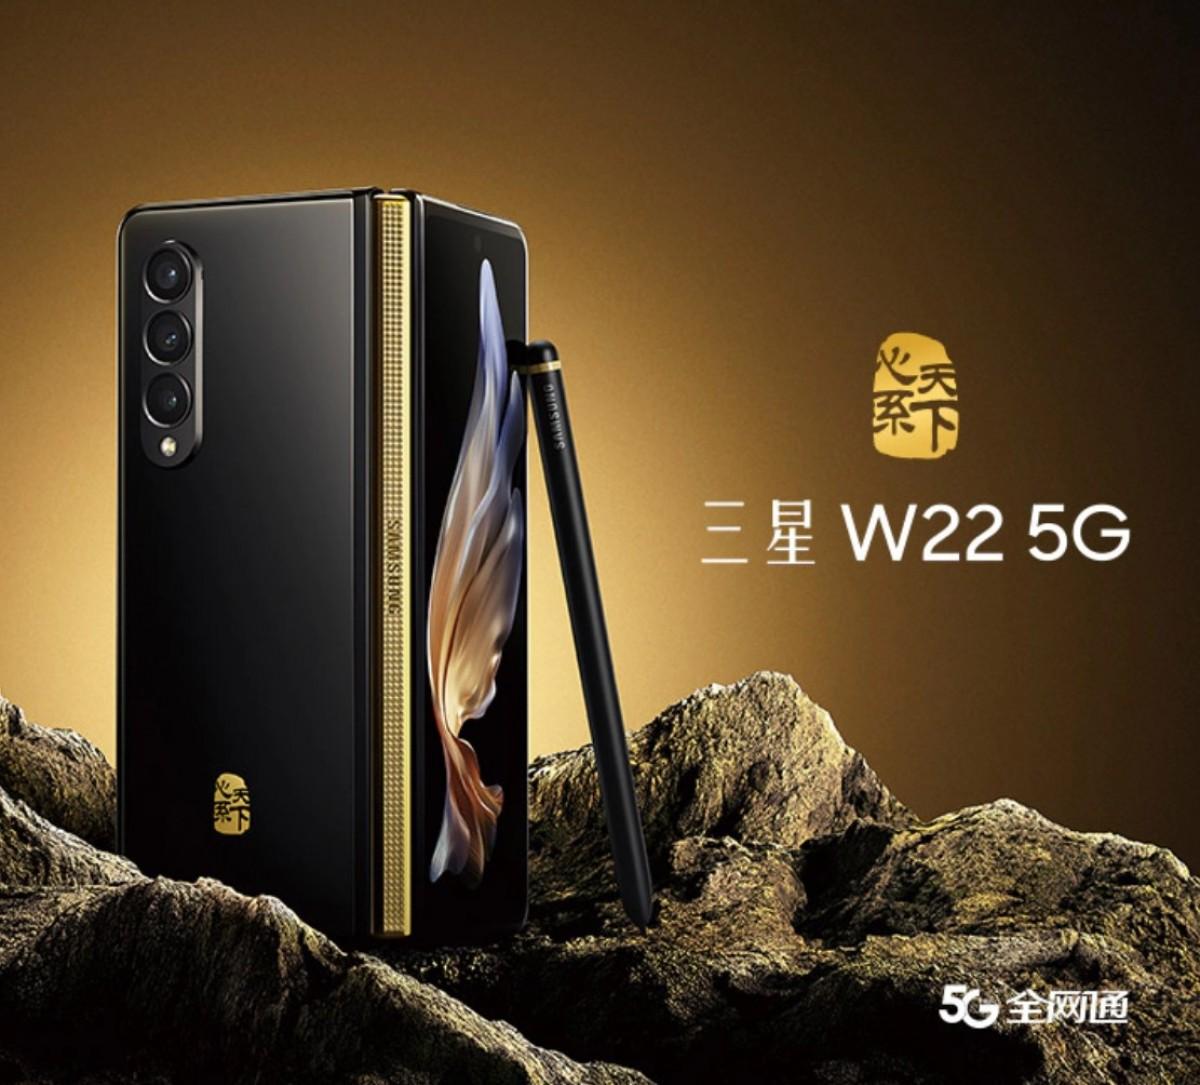 Samsung W22 5G officiellement annoncé en Chine